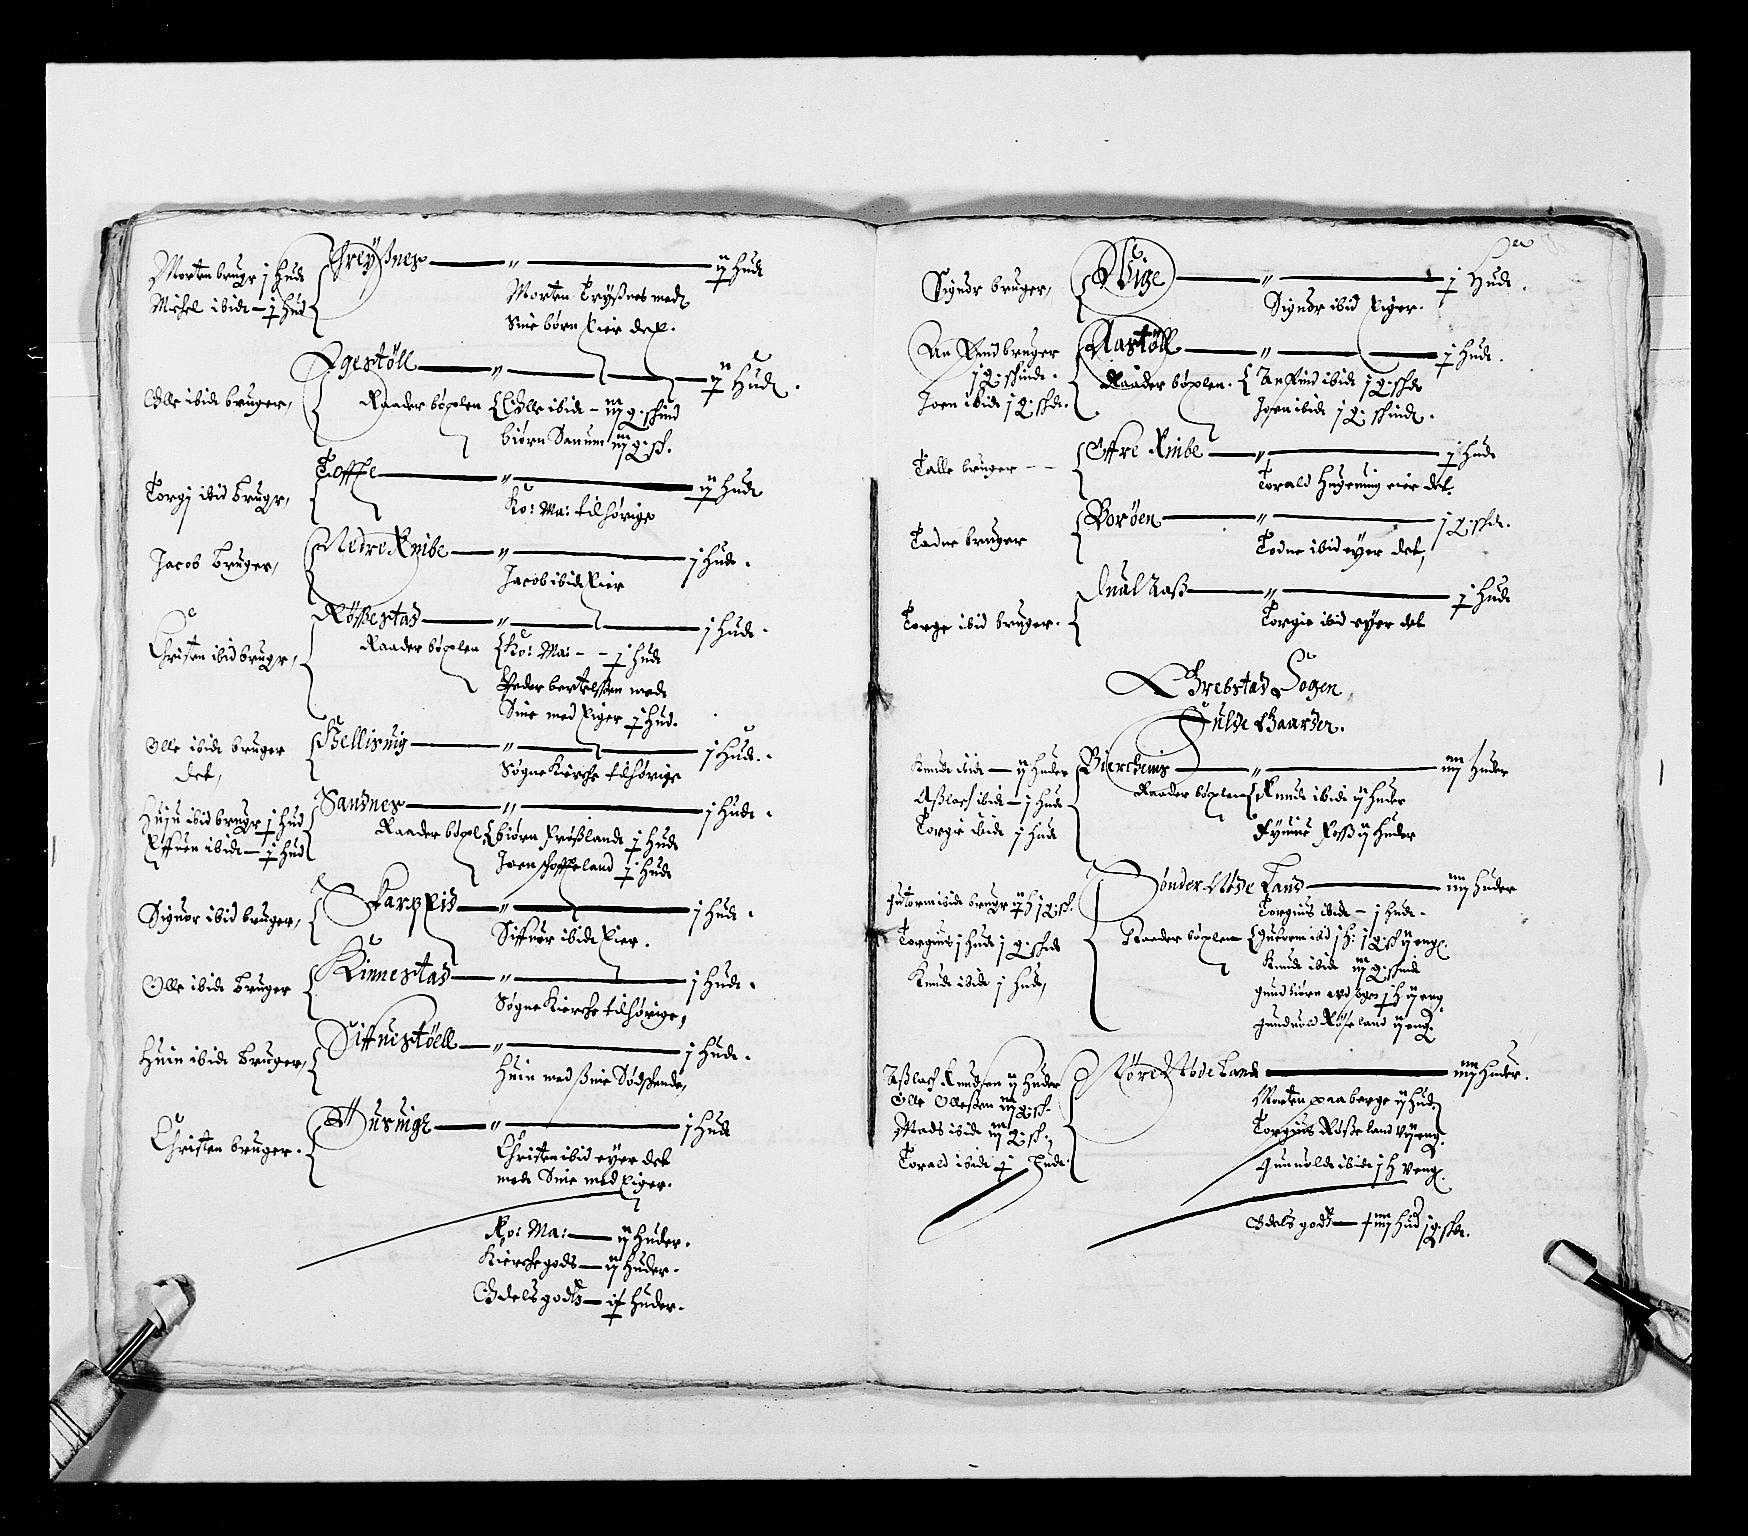 RA, Stattholderembetet 1572-1771, Ek/L0023: Jordebøker 1633-1658:, 1648-1649, s. 69